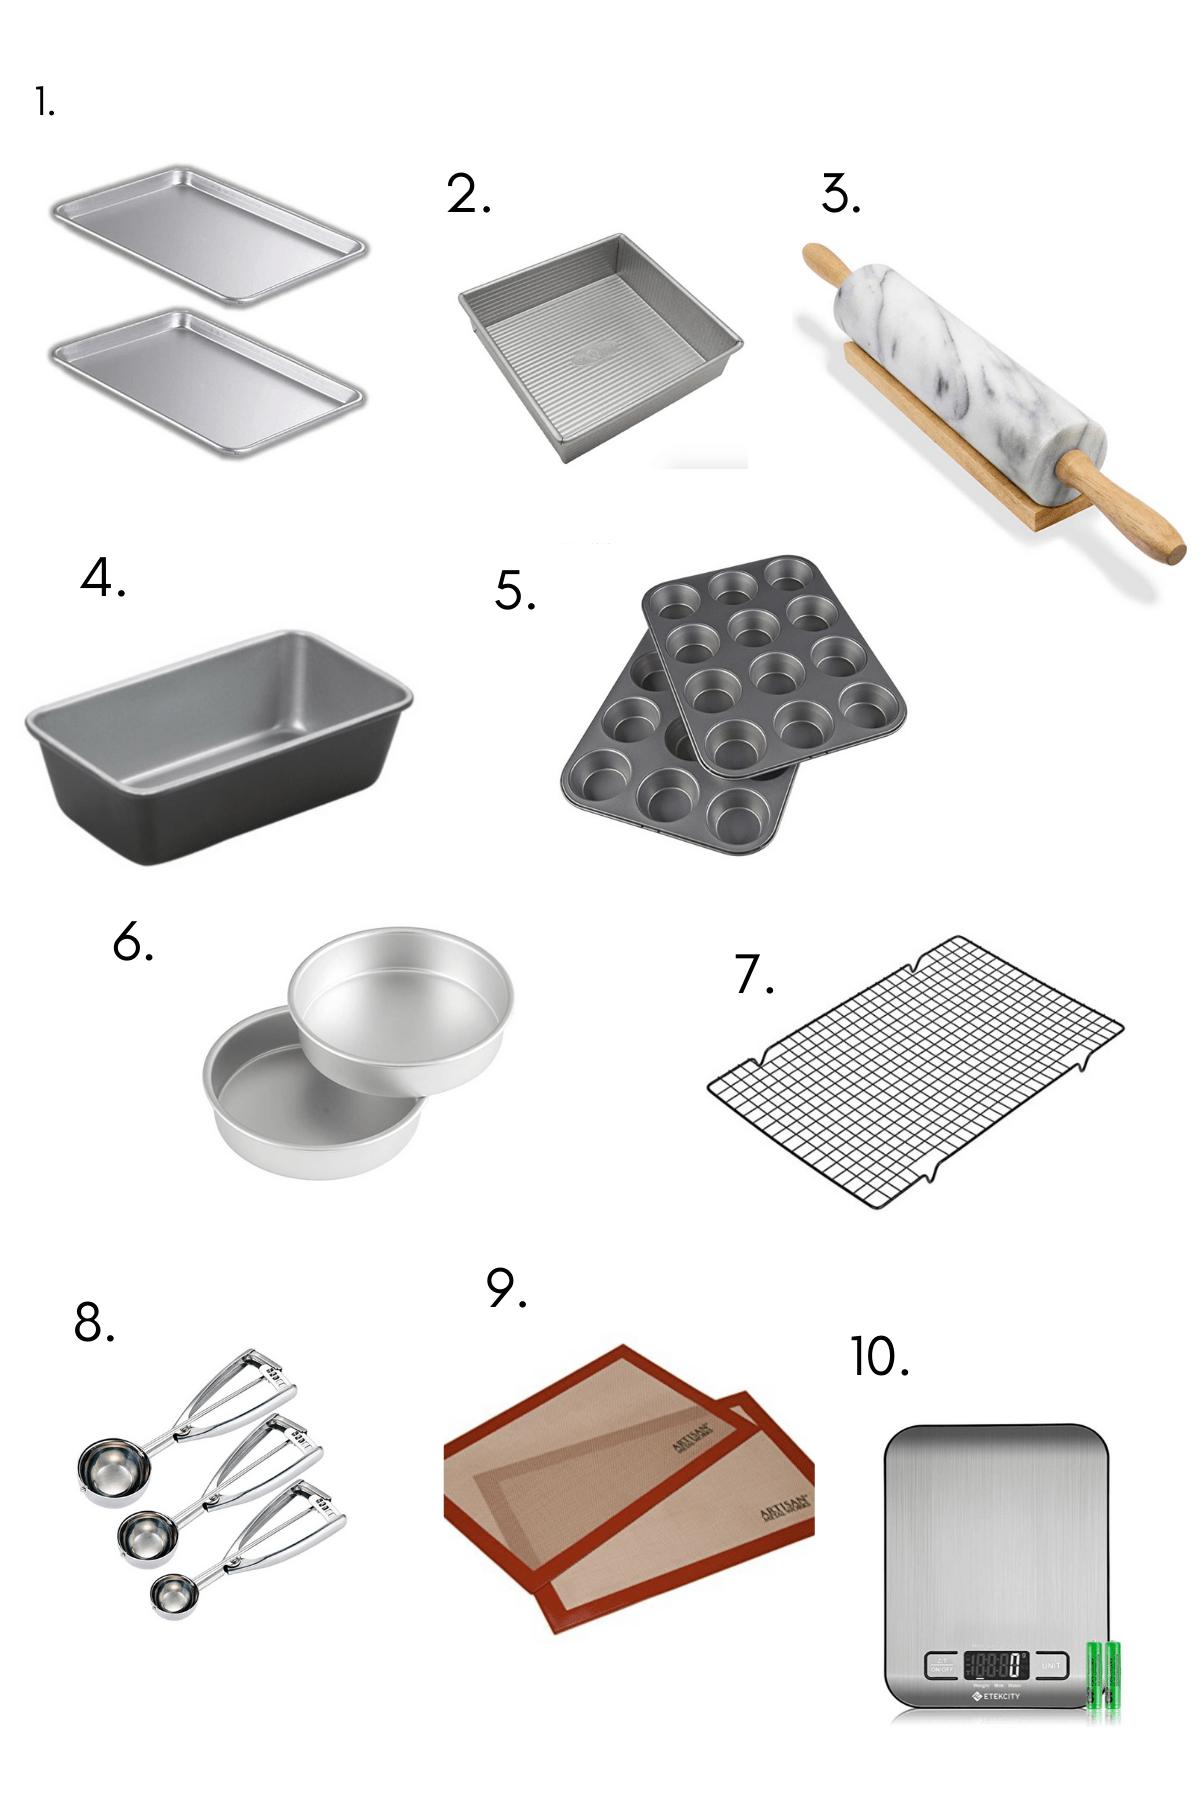 Baking needs image.